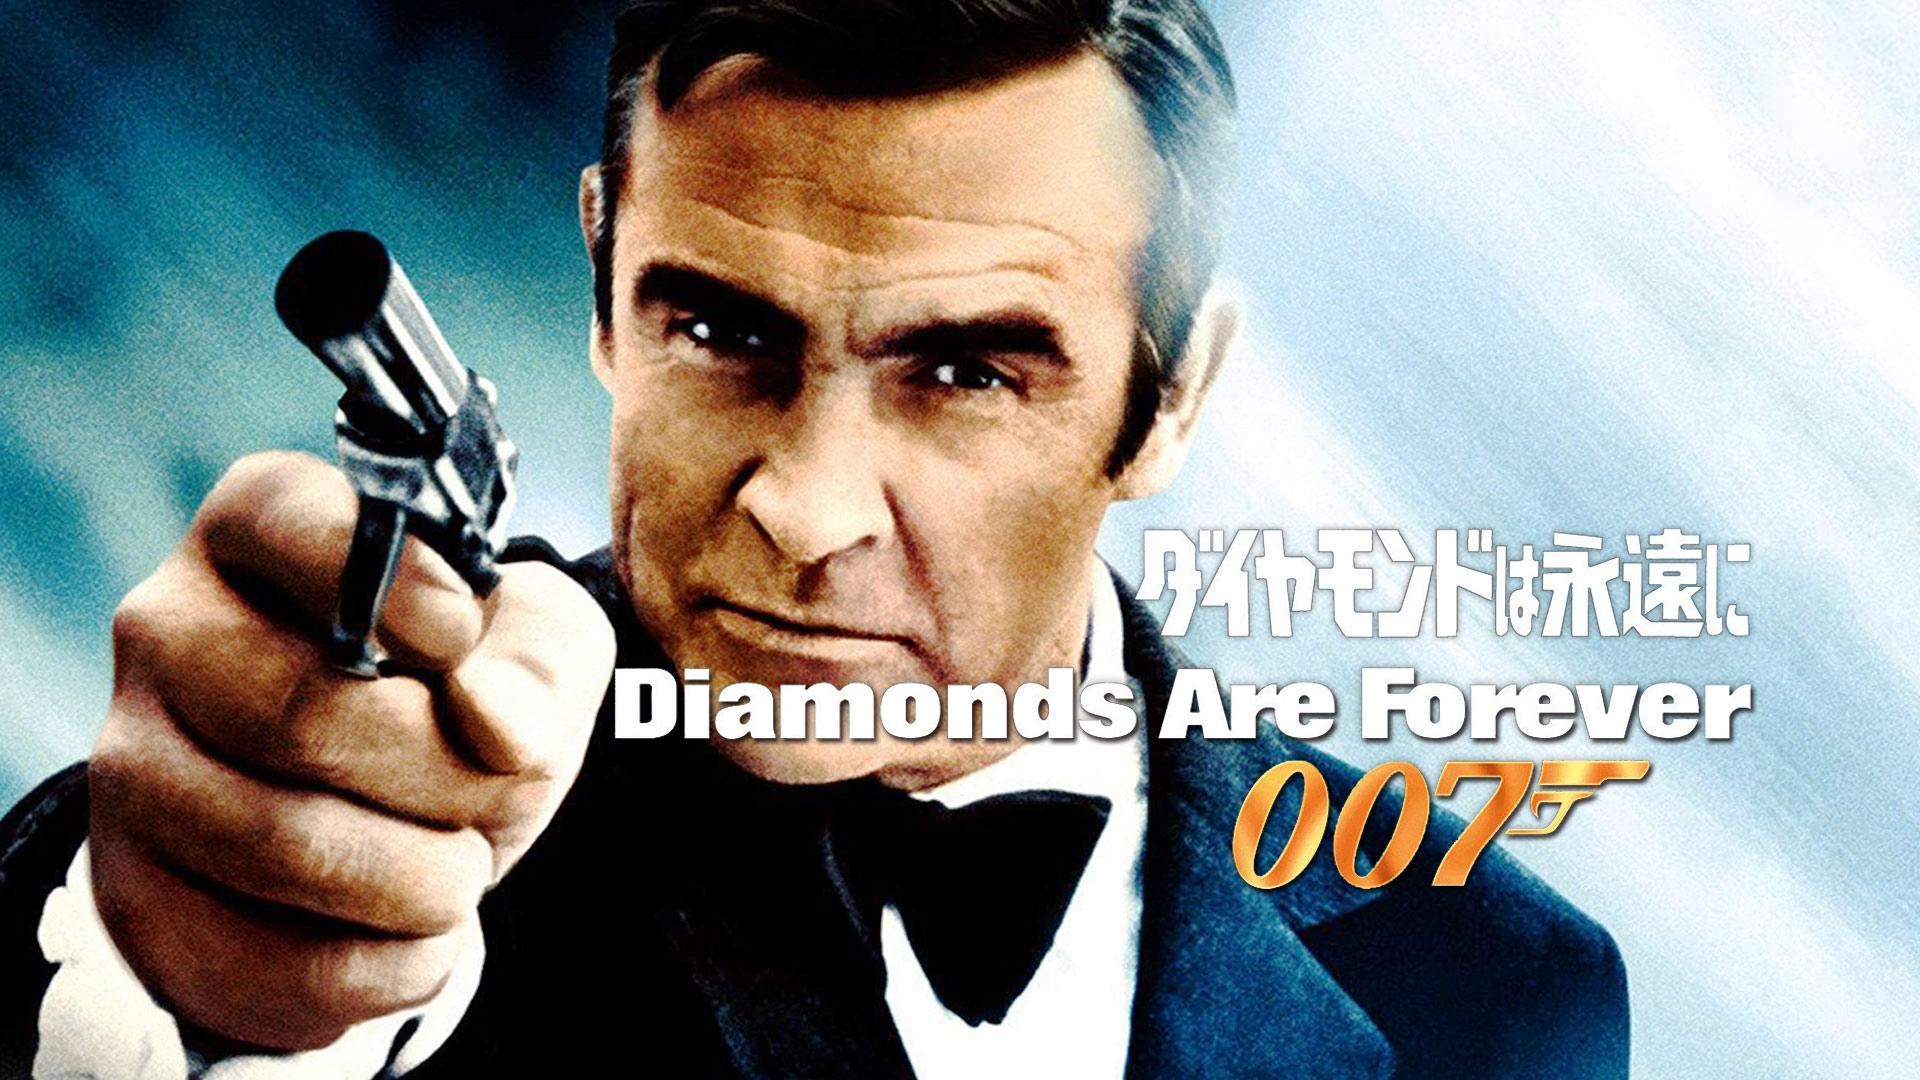 ダイヤモンドは永遠に (字幕版)